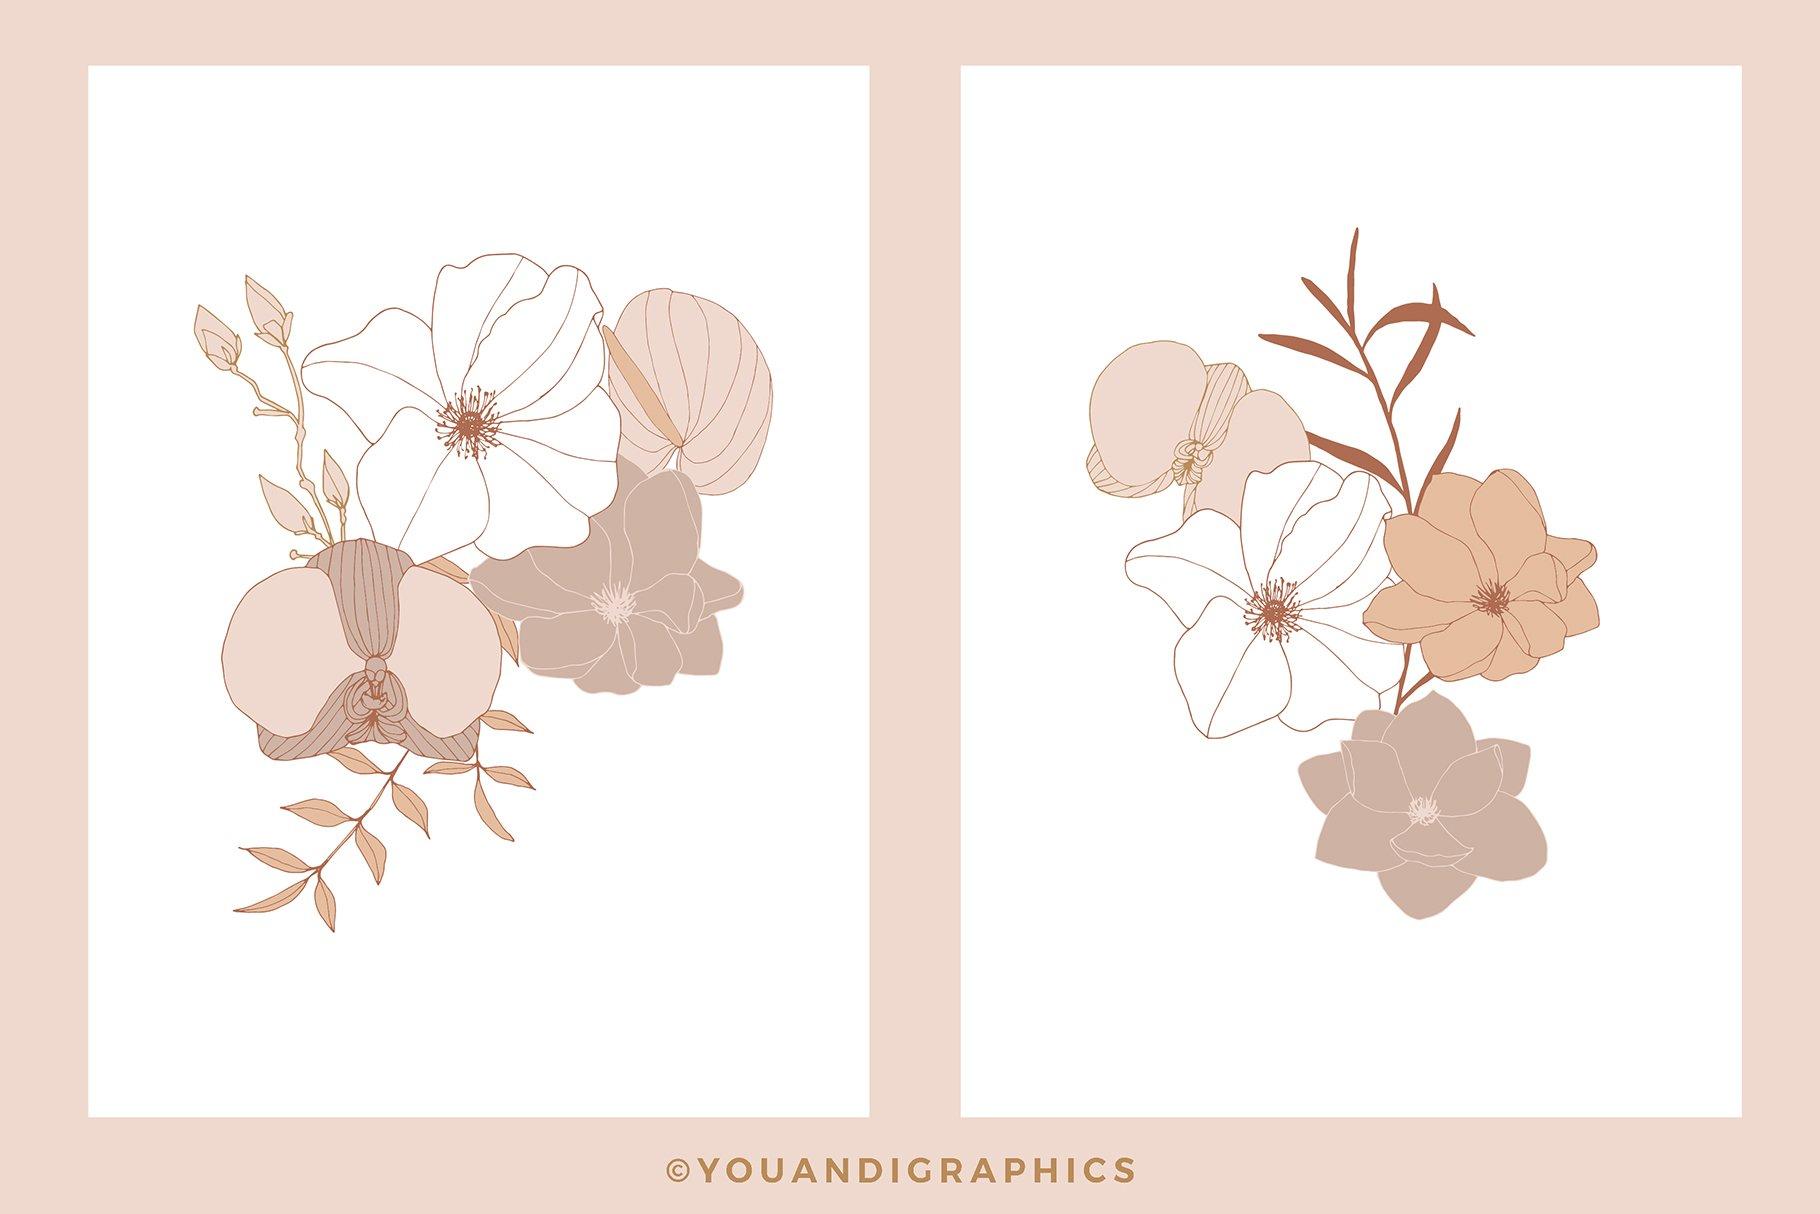 手绘盛开花卉花朵矢量无缝隙图案素材 Blooming Garden Floral Patterns插图(14)